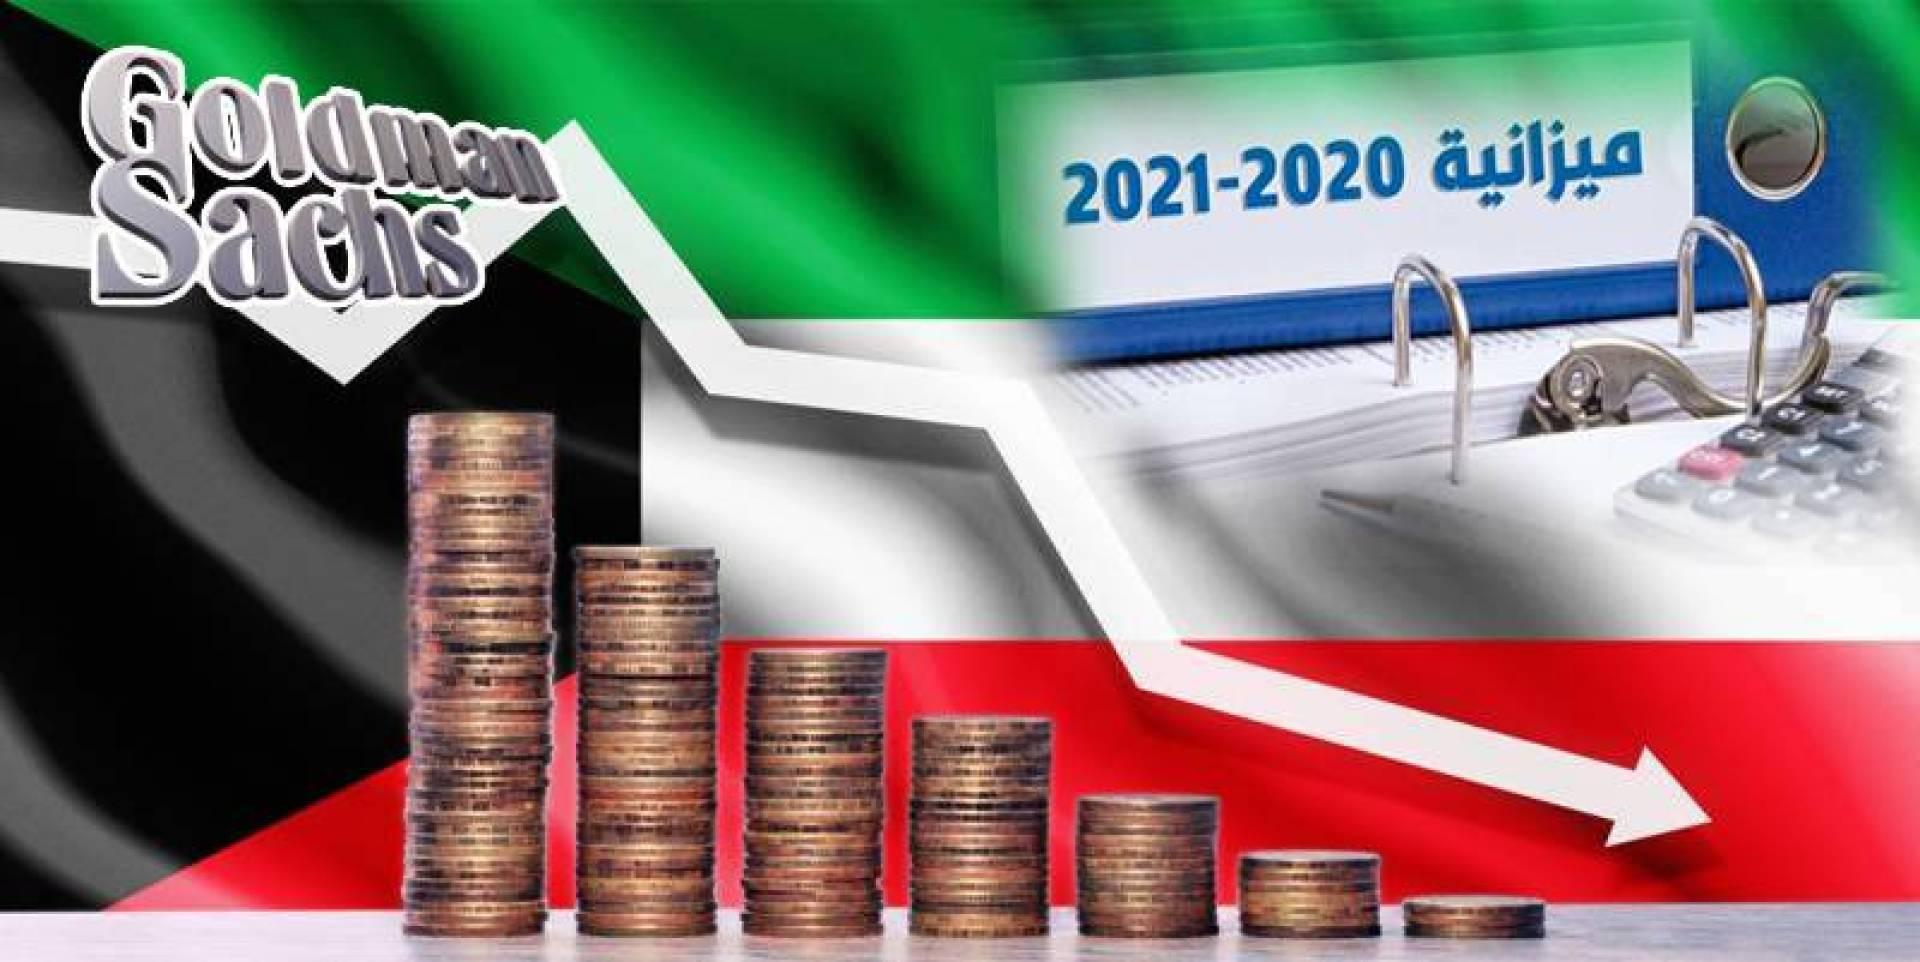 بشائر بانخفاض عجز 2020 ـــ 2021